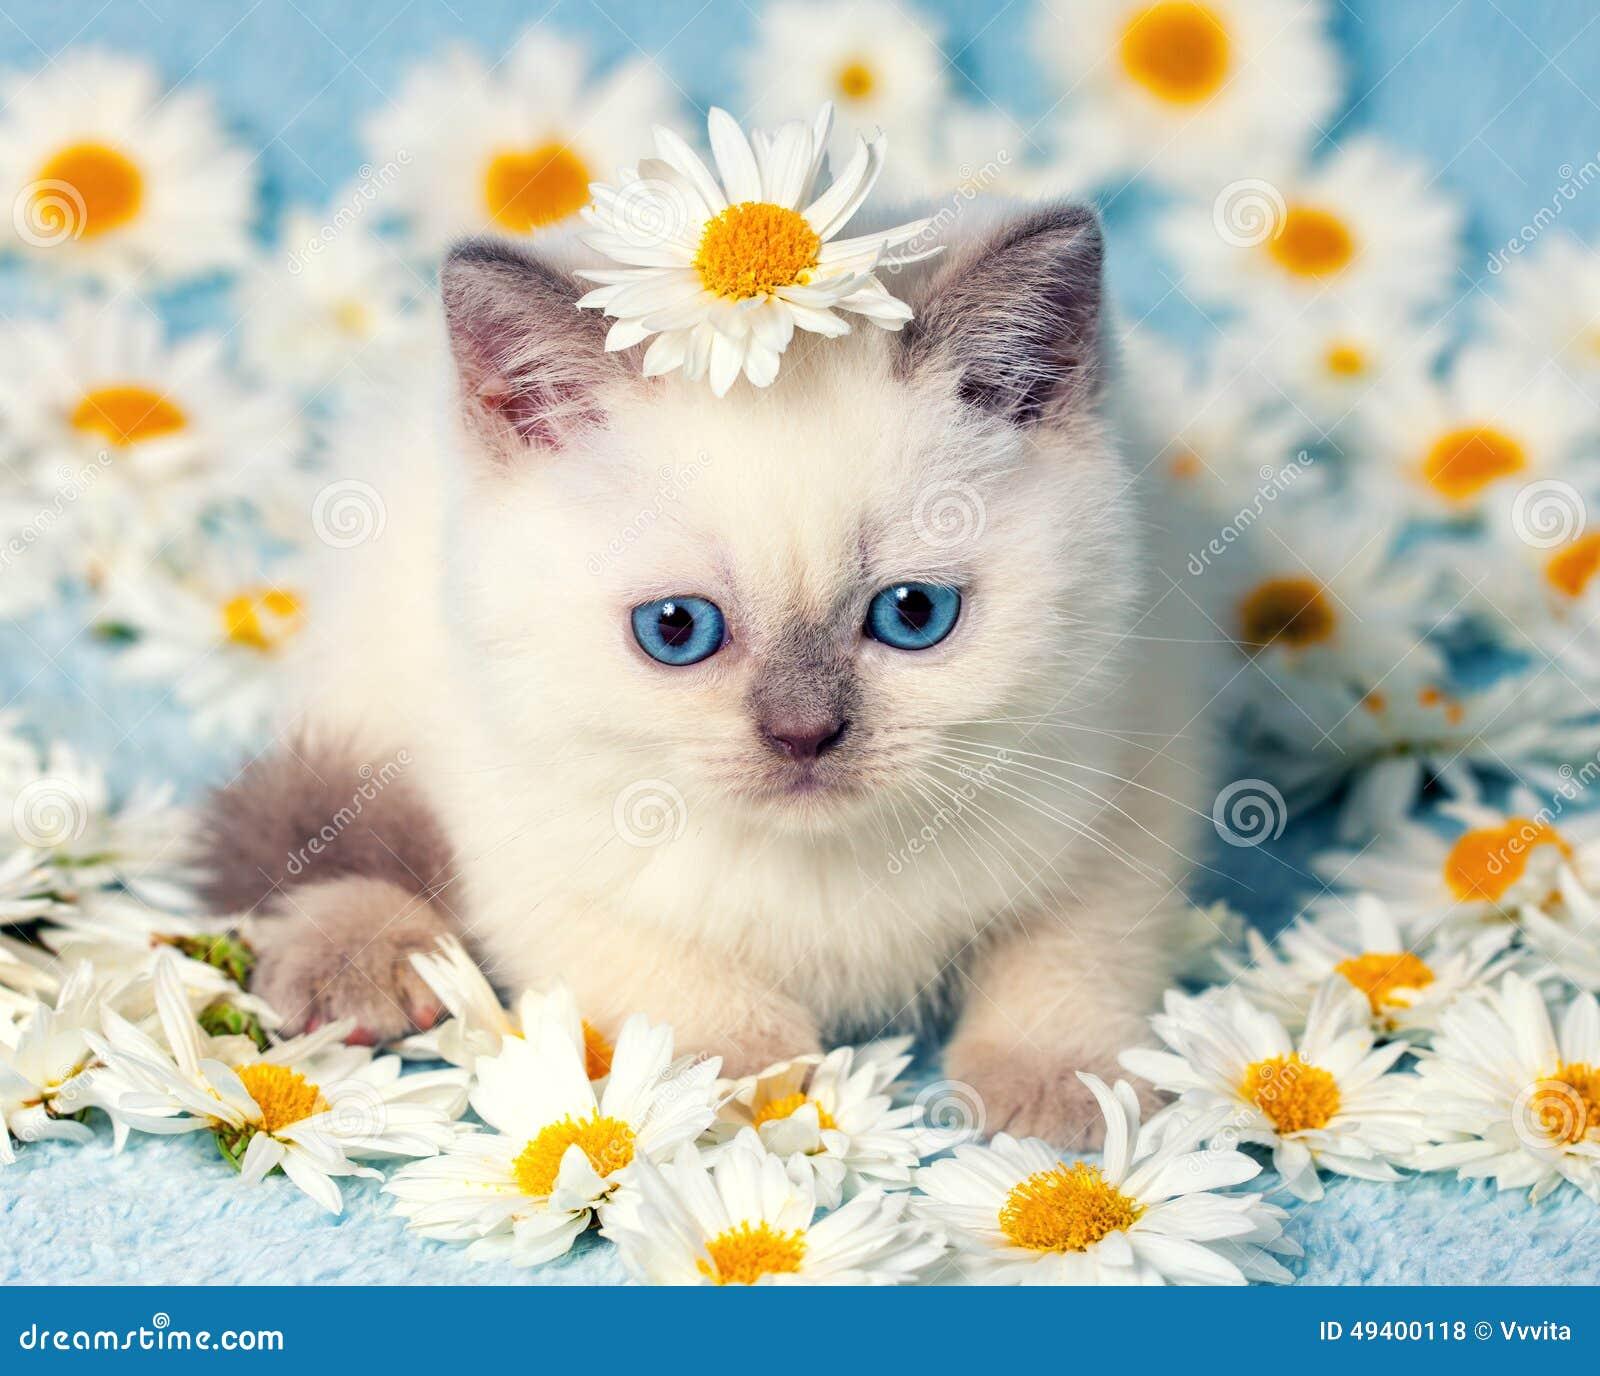 Download Kätzchen in den Blumen stockfoto. Bild von innen, augen - 49400118